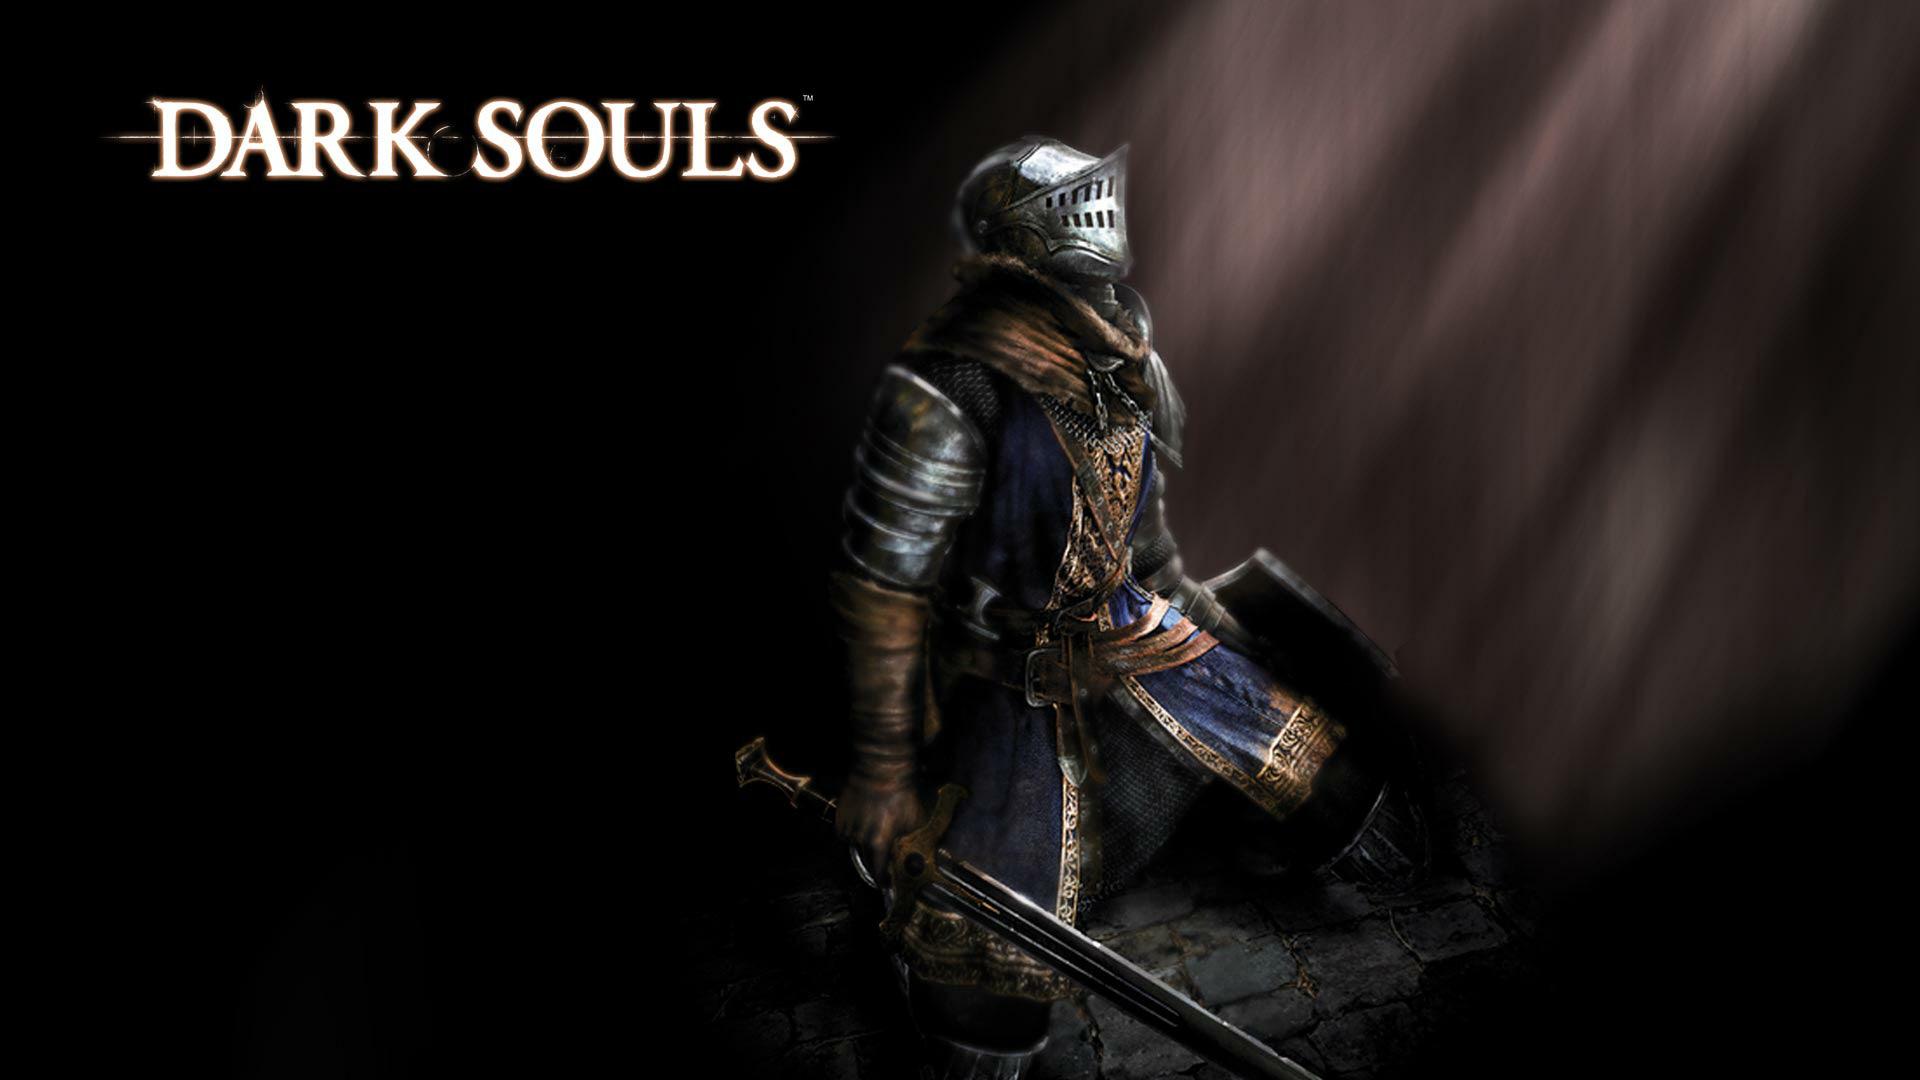 47 Dark Souls 1080p Wallpaper On Wallpapersafari